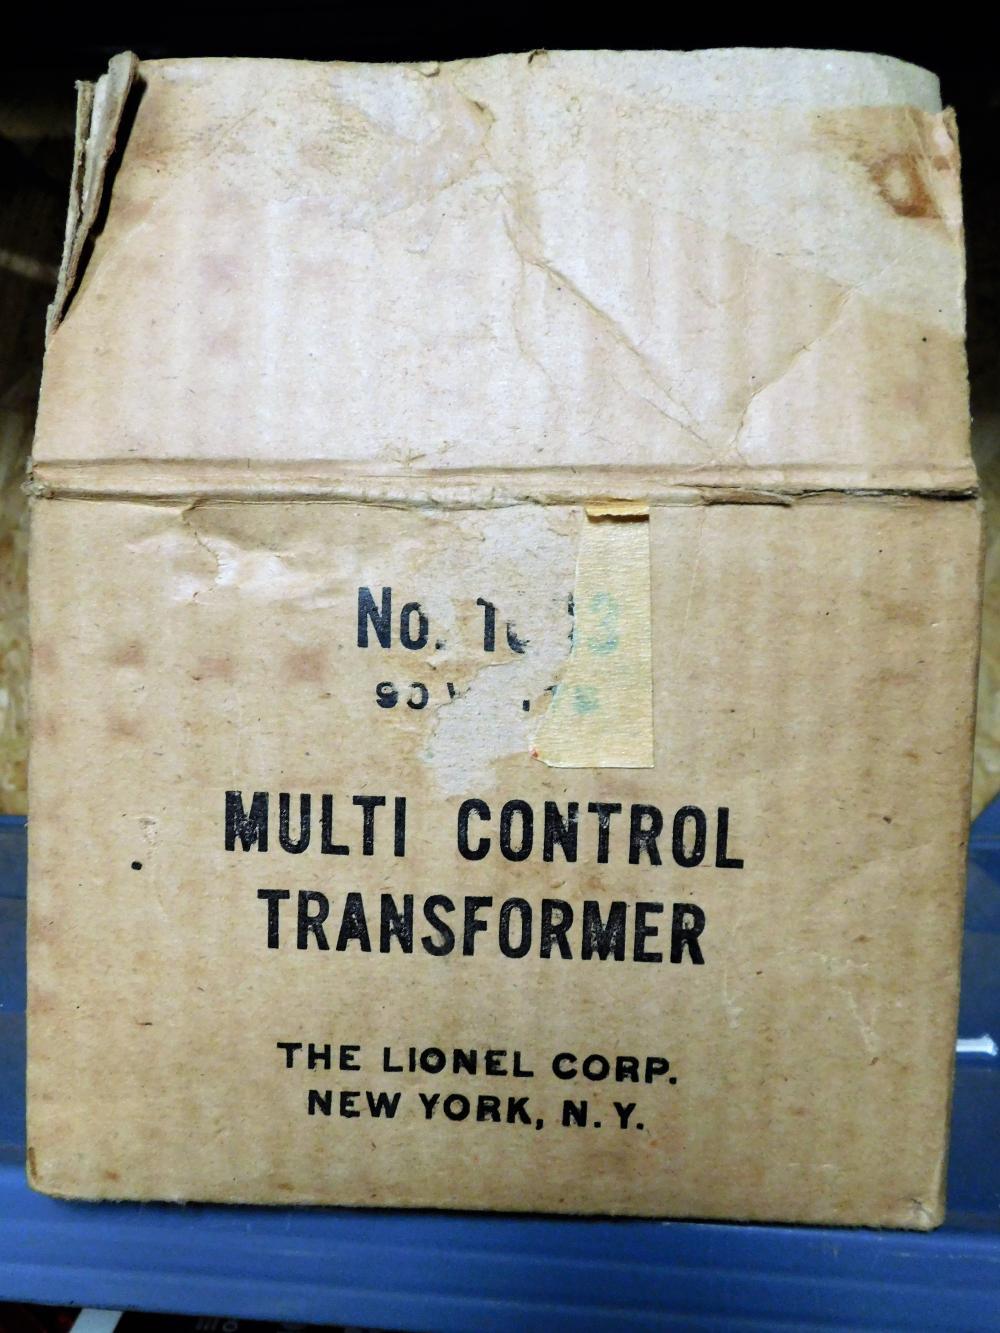 Lionel multicontrol transformer no. 1033 in box